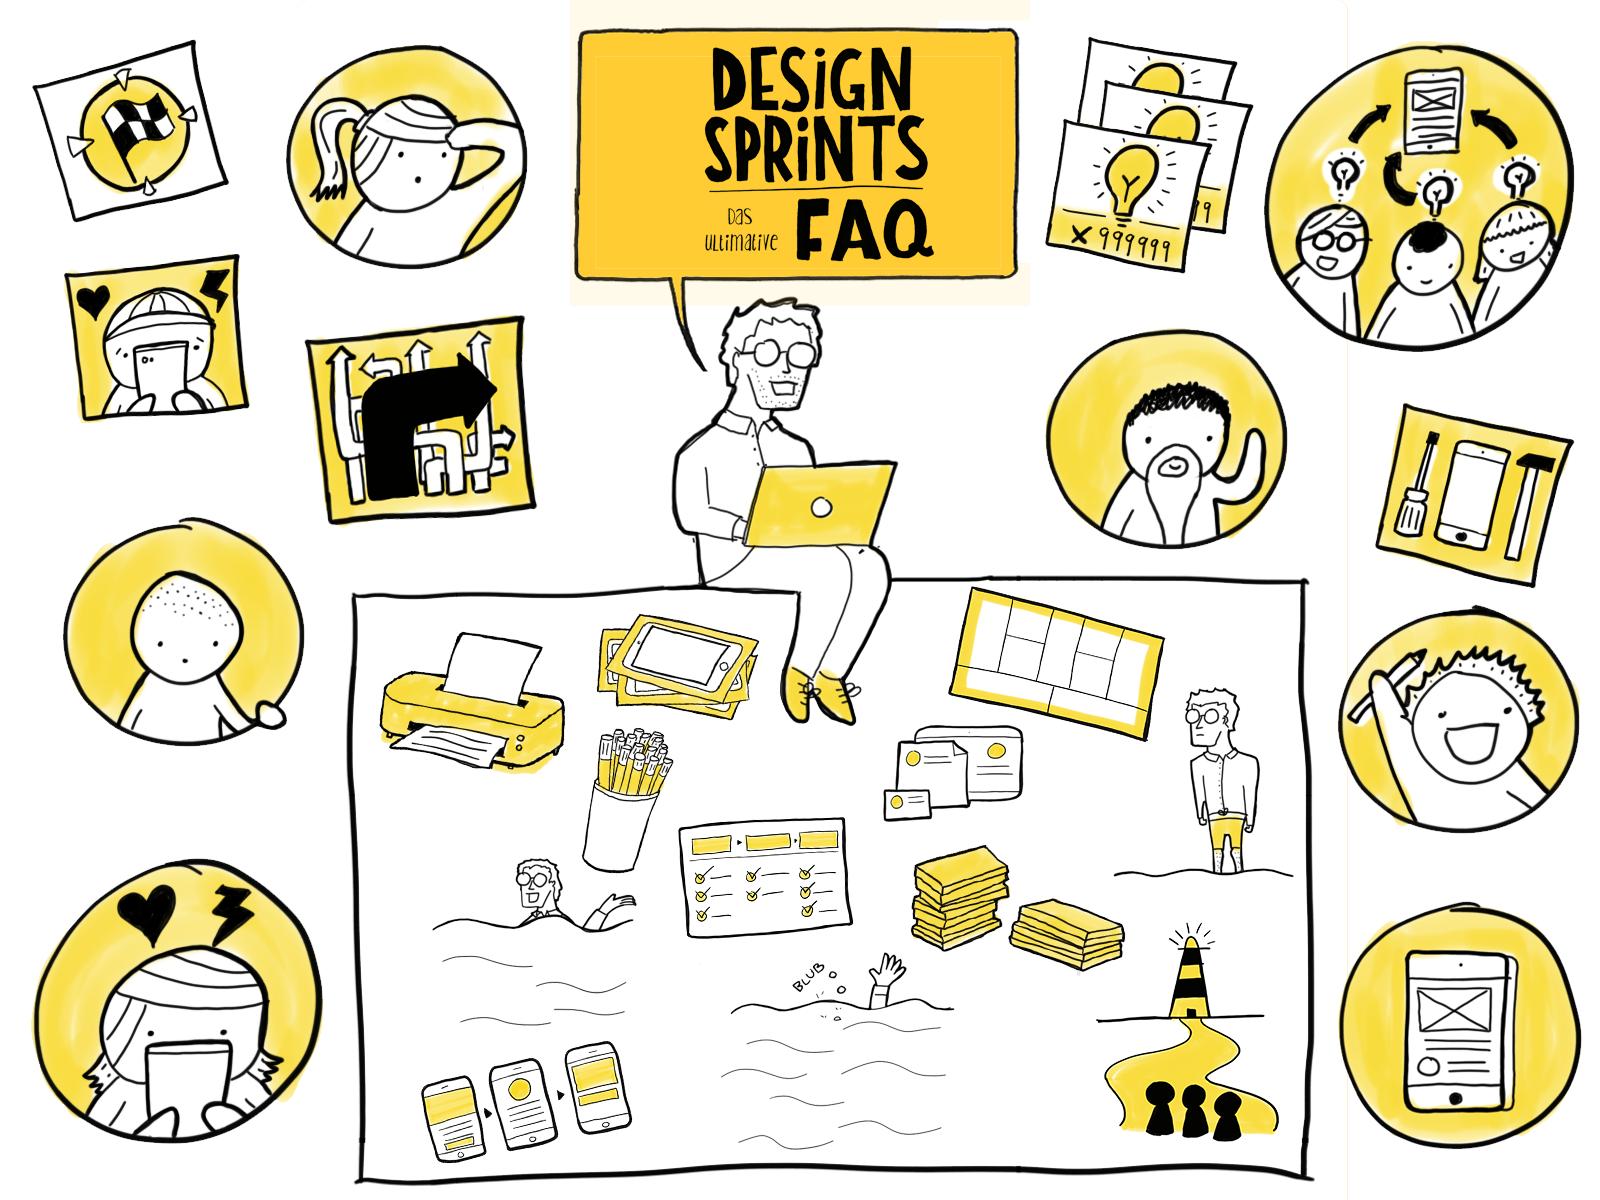 Design Sprint - das ultimative FAQ mit vielen Fragen und Antworten